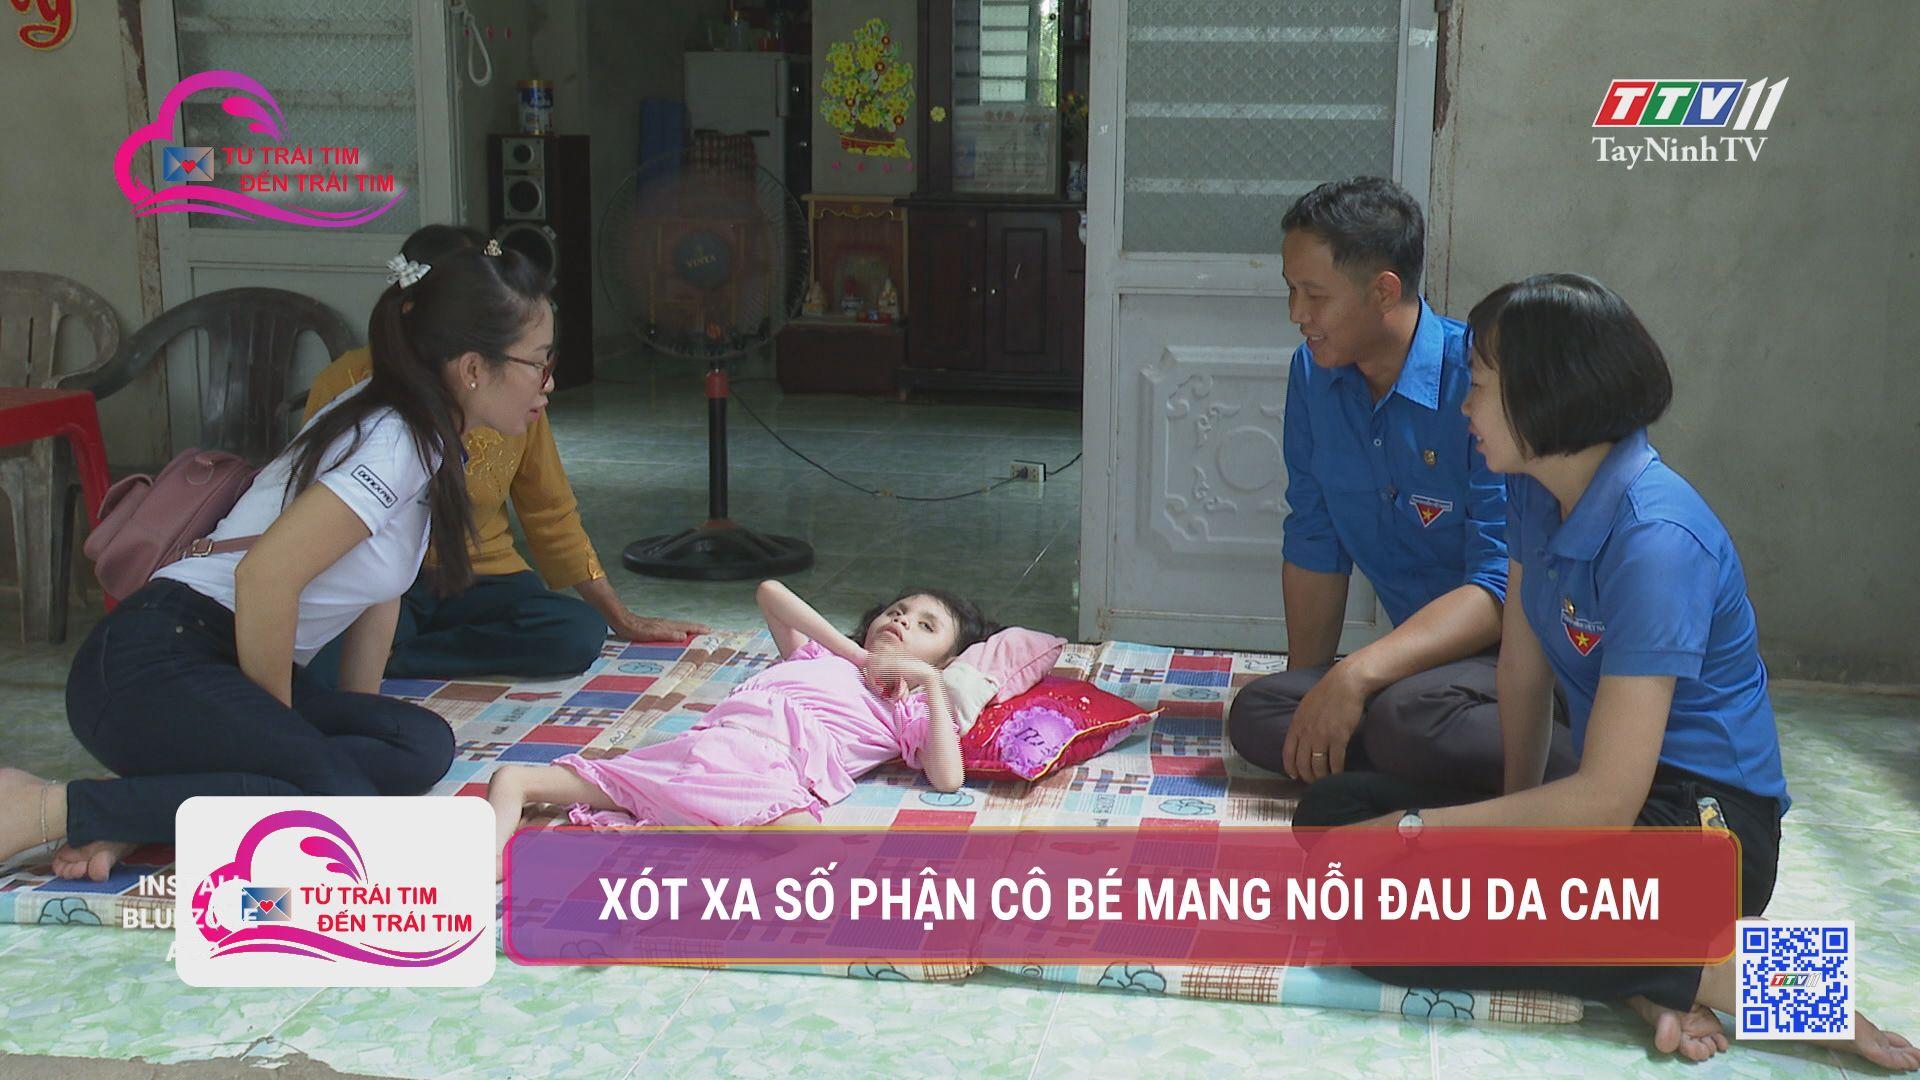 Xót xa số phận cô bé mang nỗi đau da cam | TỪ TRÁI TIM ĐẾN TRÁI TIM | TayNinhTV